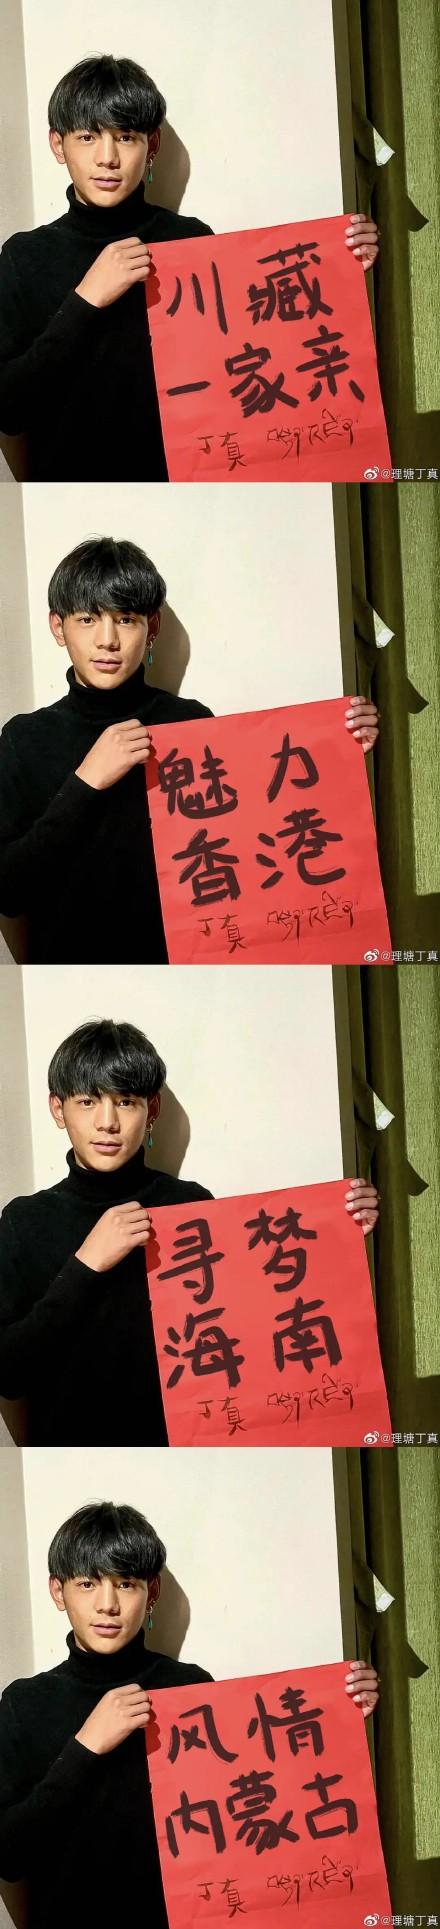 丁真说他的家真的在四川,你们不要再p图了,他写给你们请查收